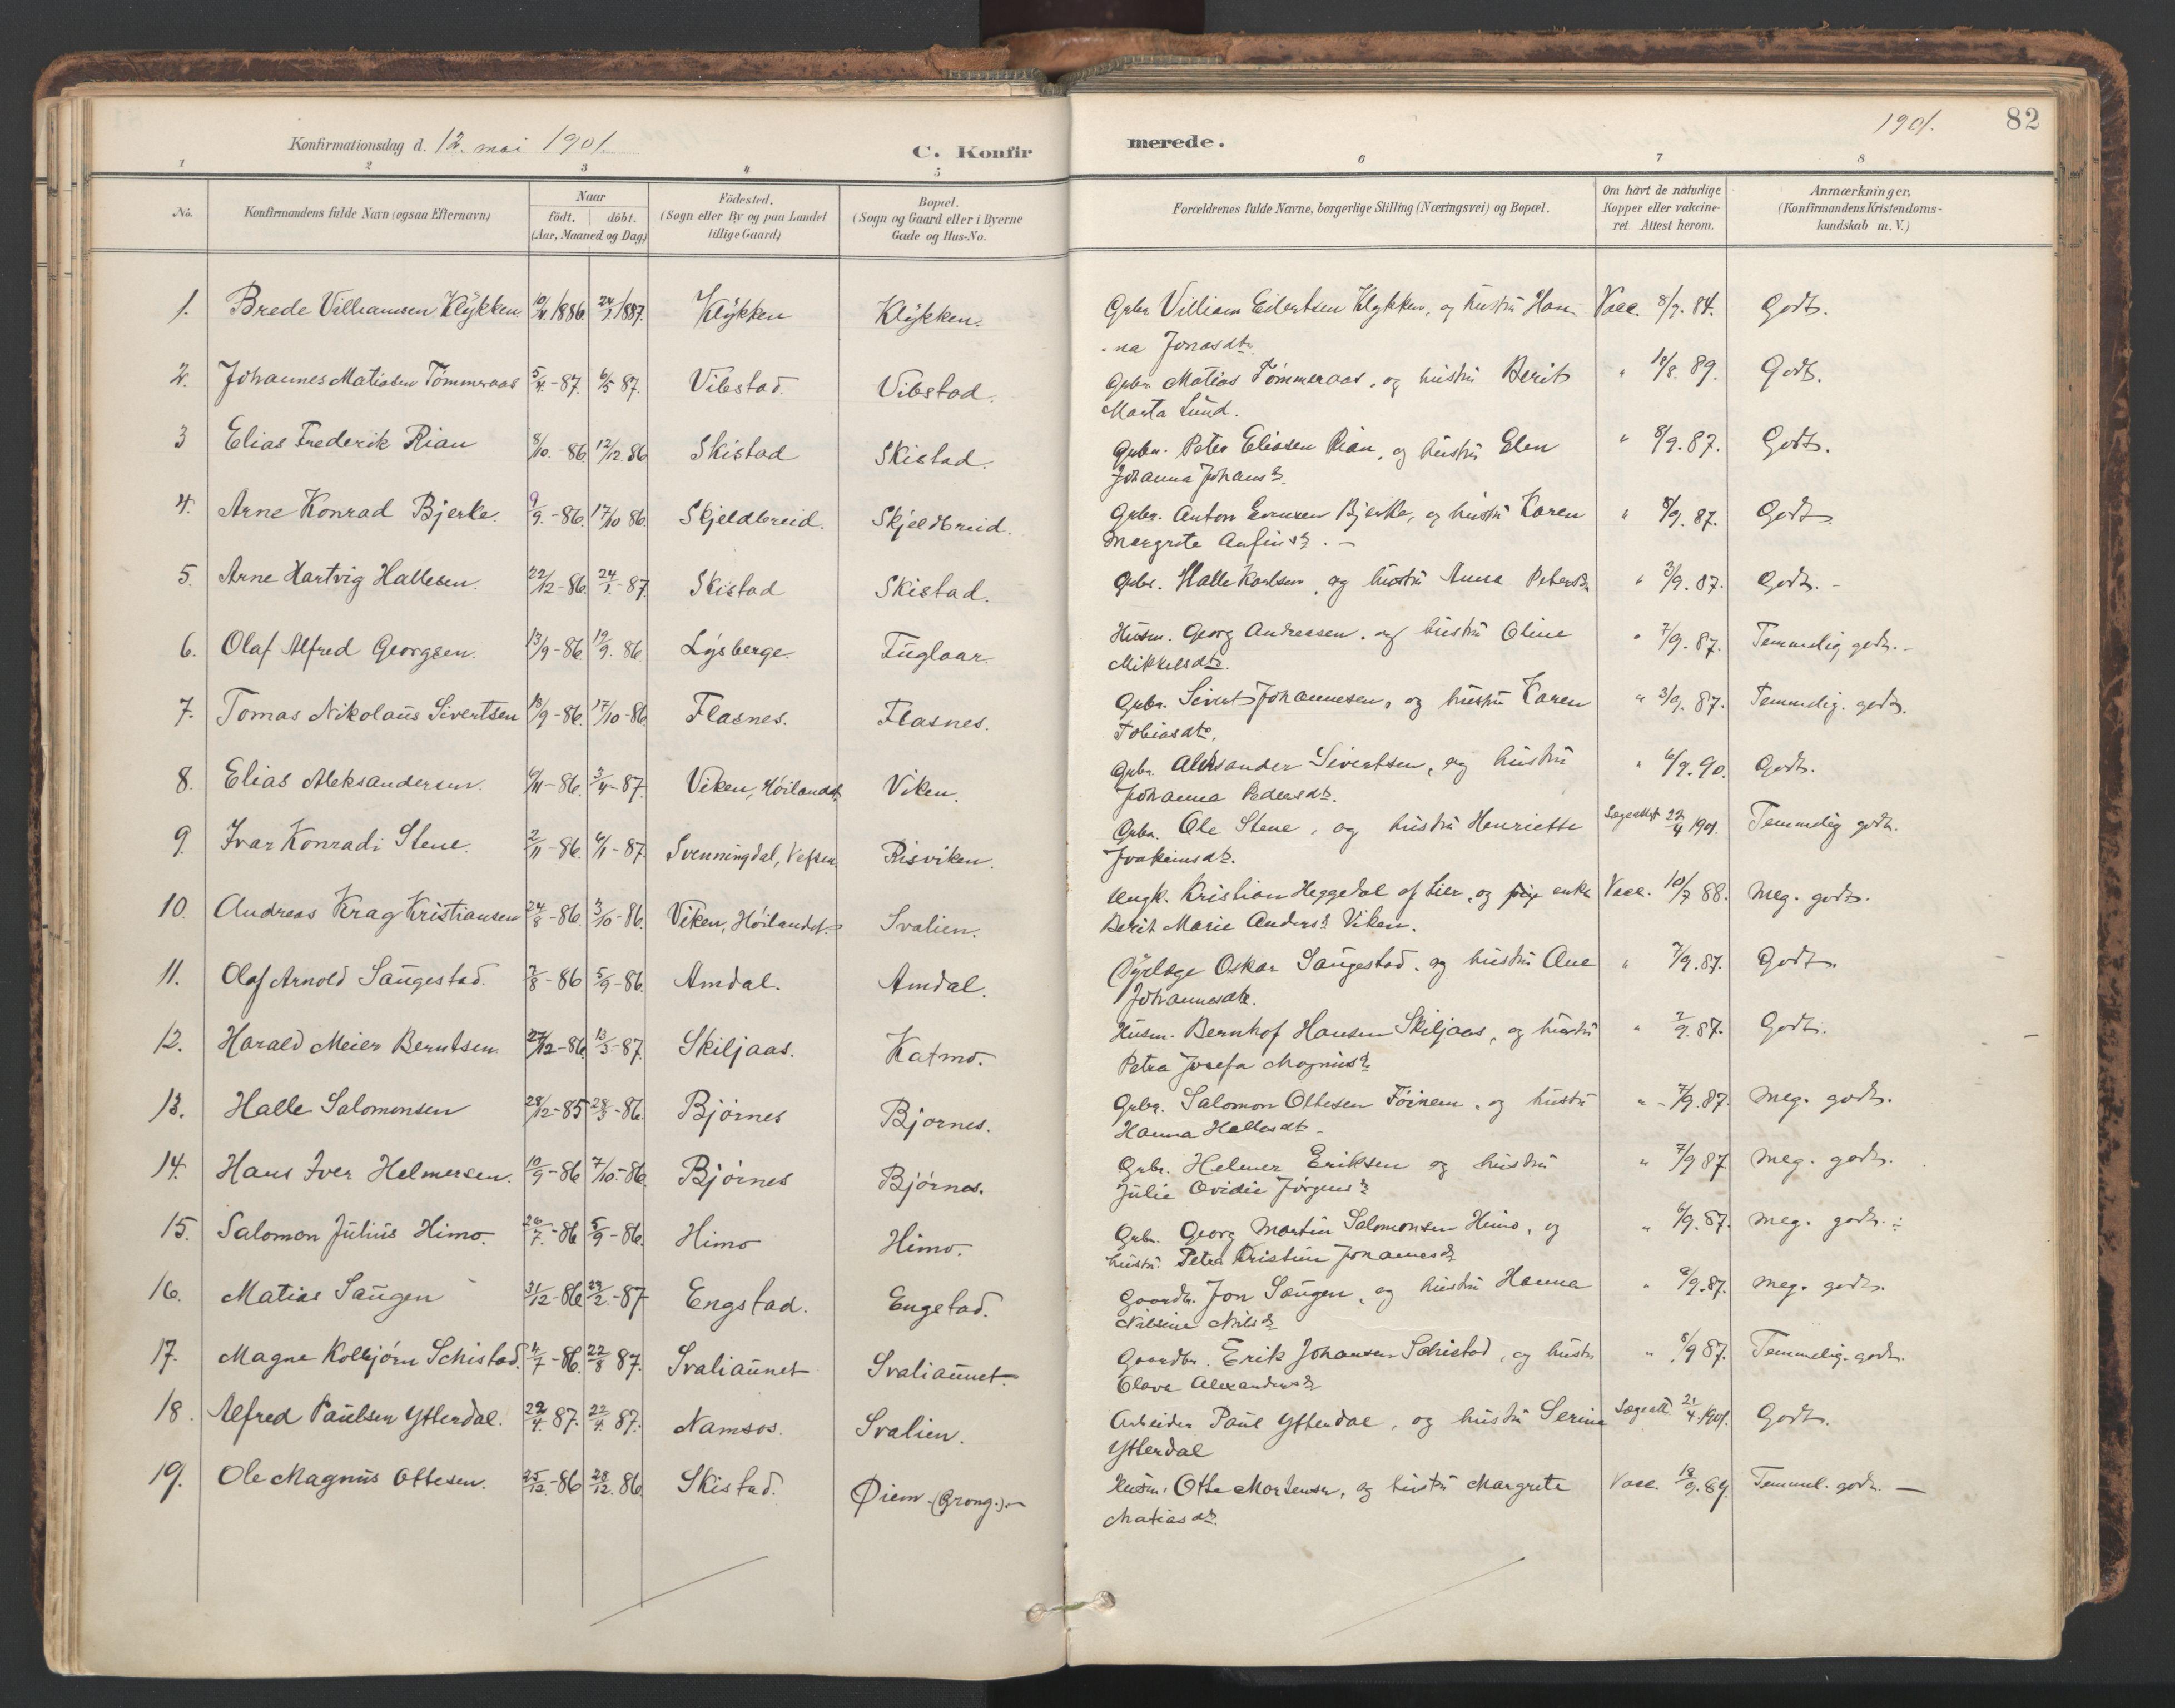 SAT, Ministerialprotokoller, klokkerbøker og fødselsregistre - Nord-Trøndelag, 764/L0556: Ministerialbok nr. 764A11, 1897-1924, s. 82